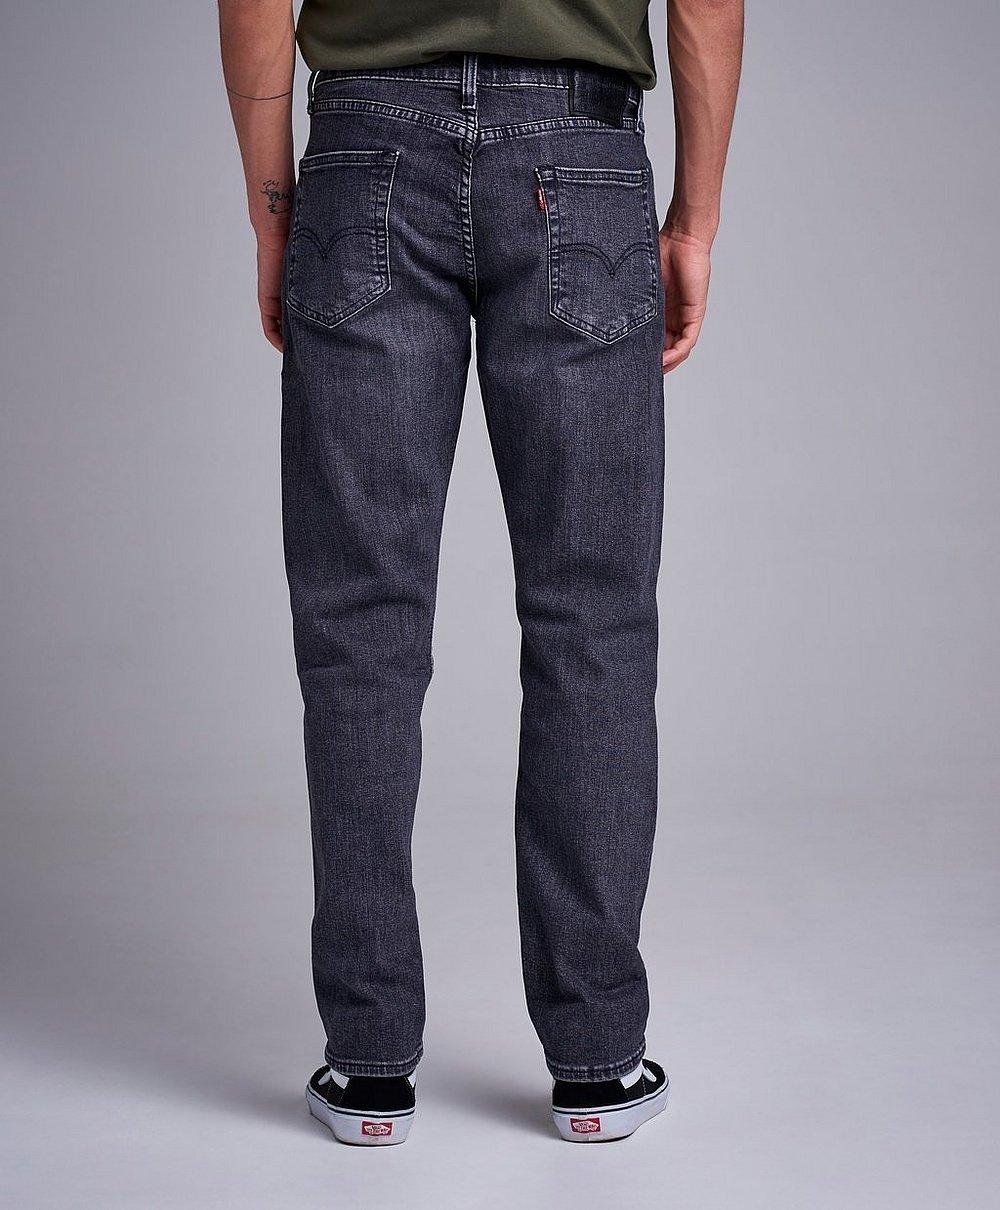 Levi's kjole barn jeans, sammenlign priser og kjøp på nett